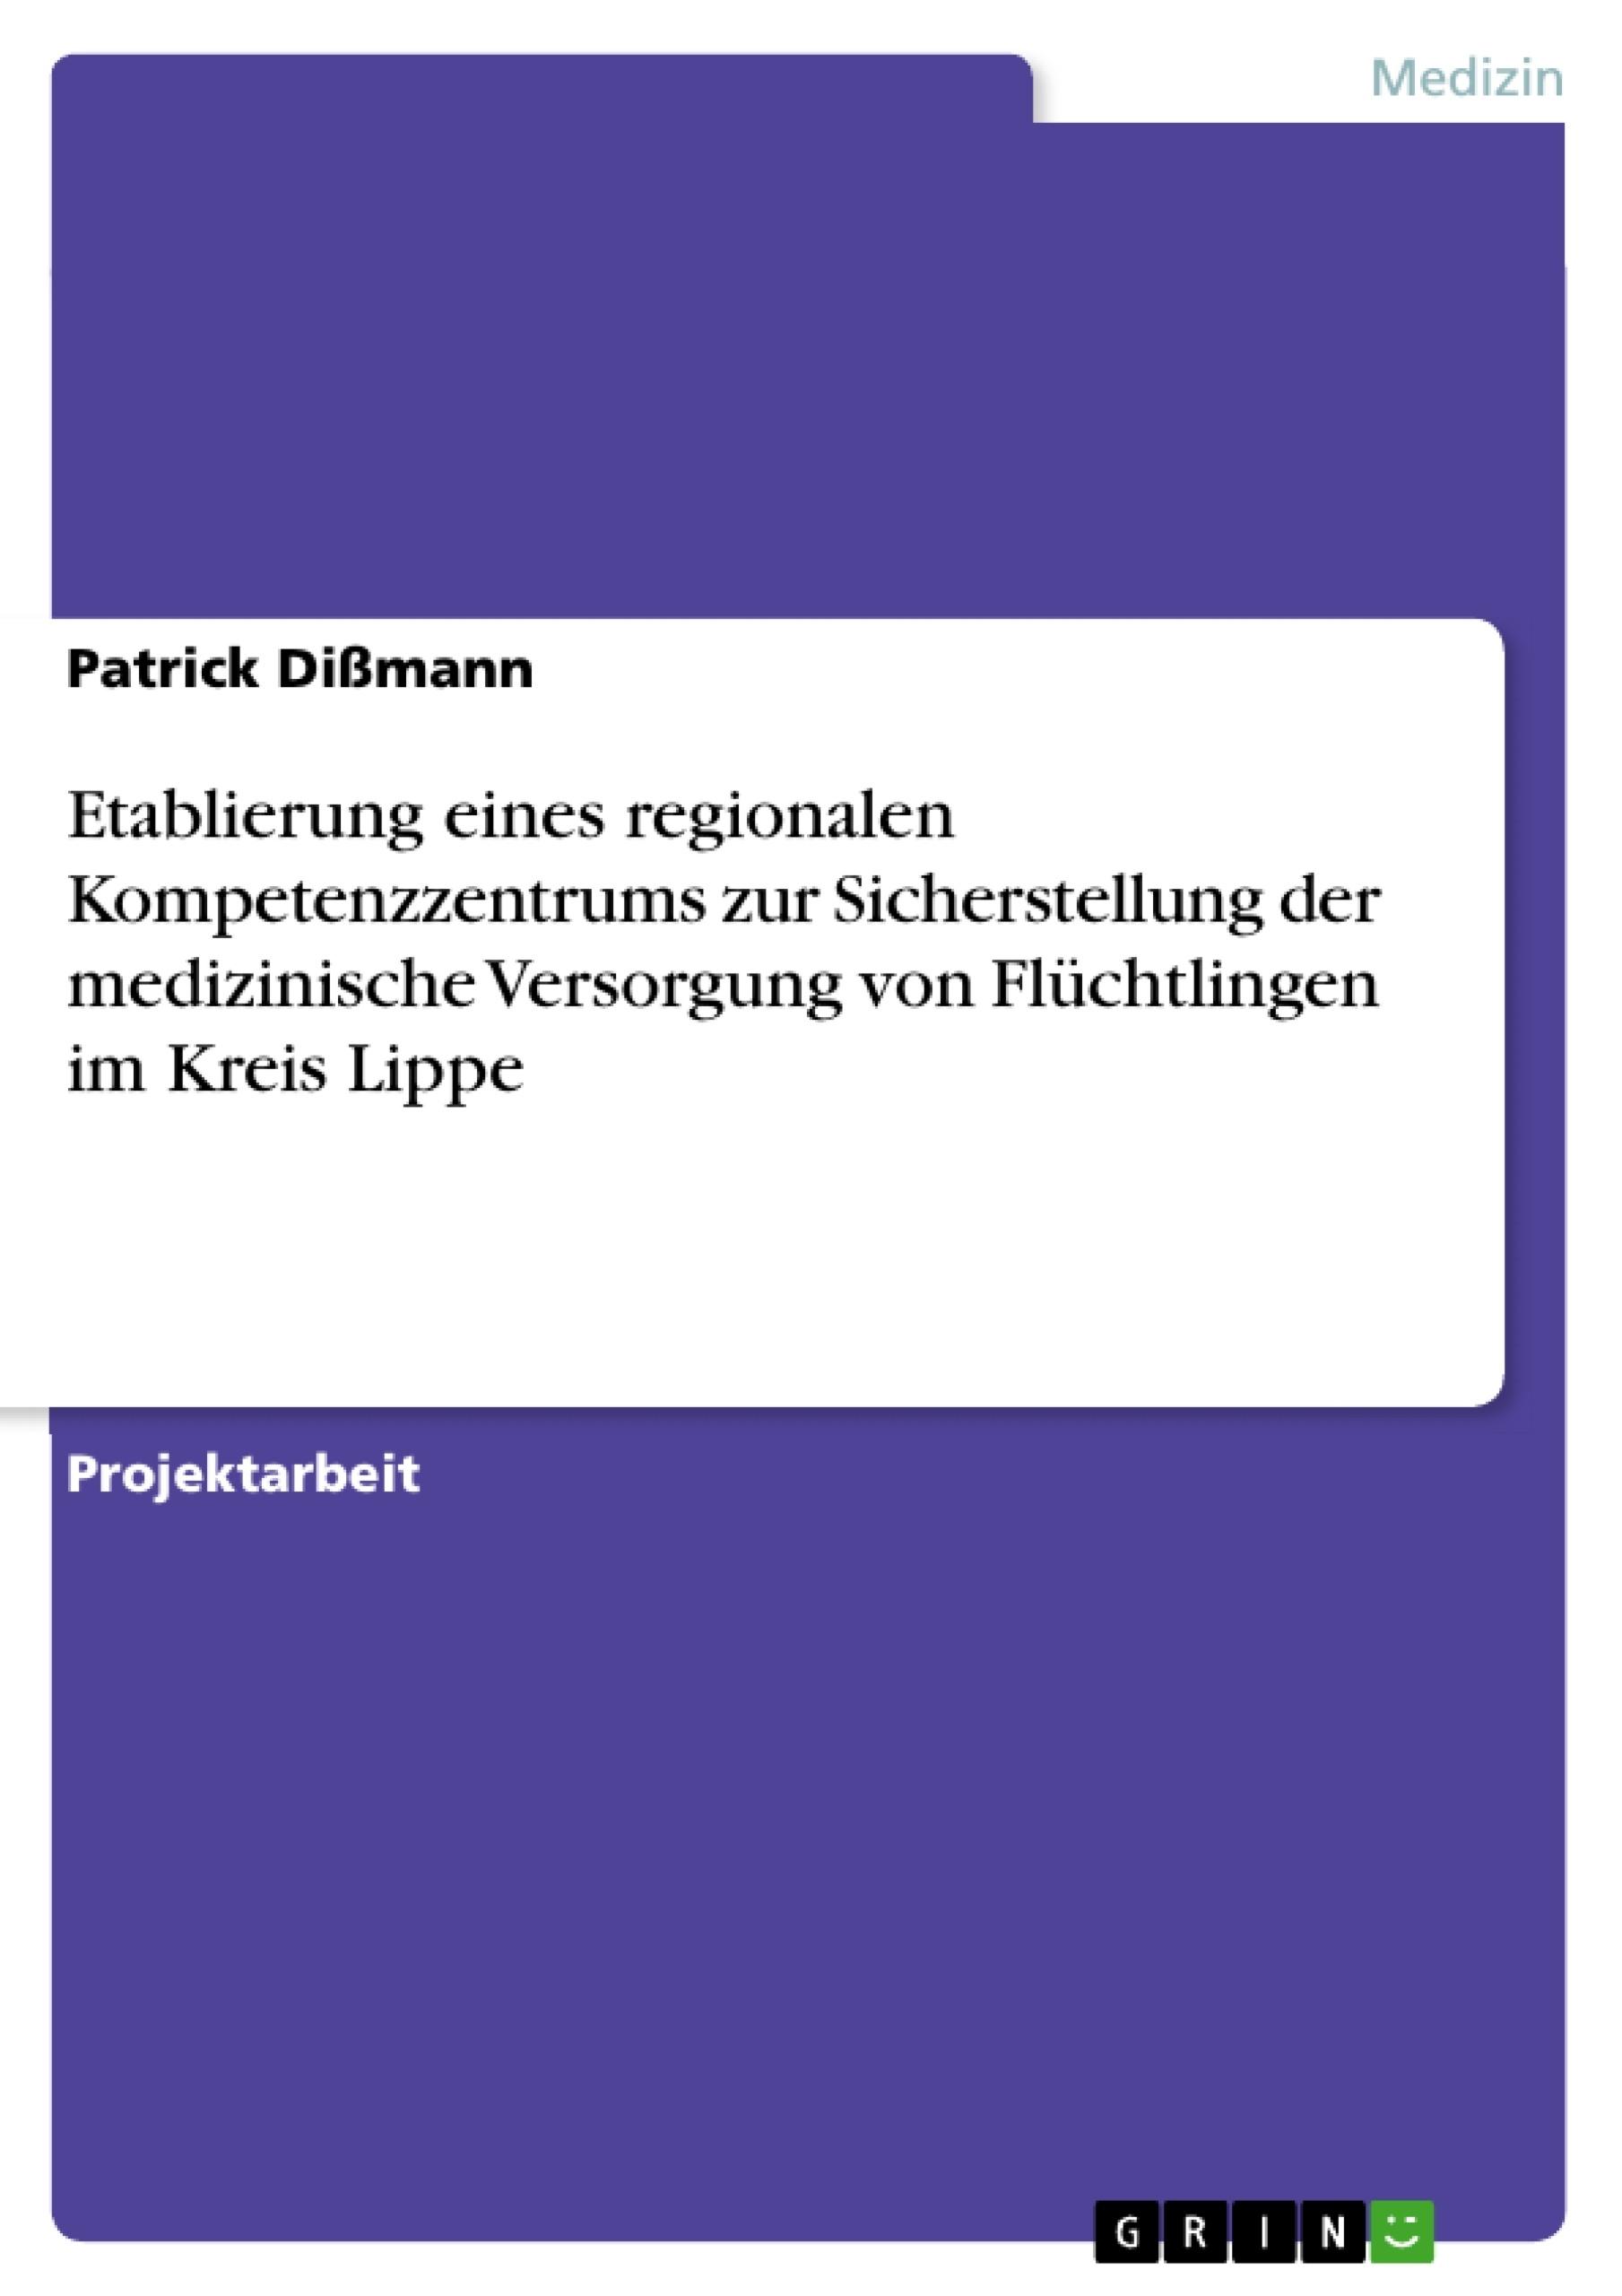 Titel: Etablierung eines regionalen Kompetenzzentrums zur Sicherstellung der medizinische Versorgung von Flüchtlingen im Kreis Lippe